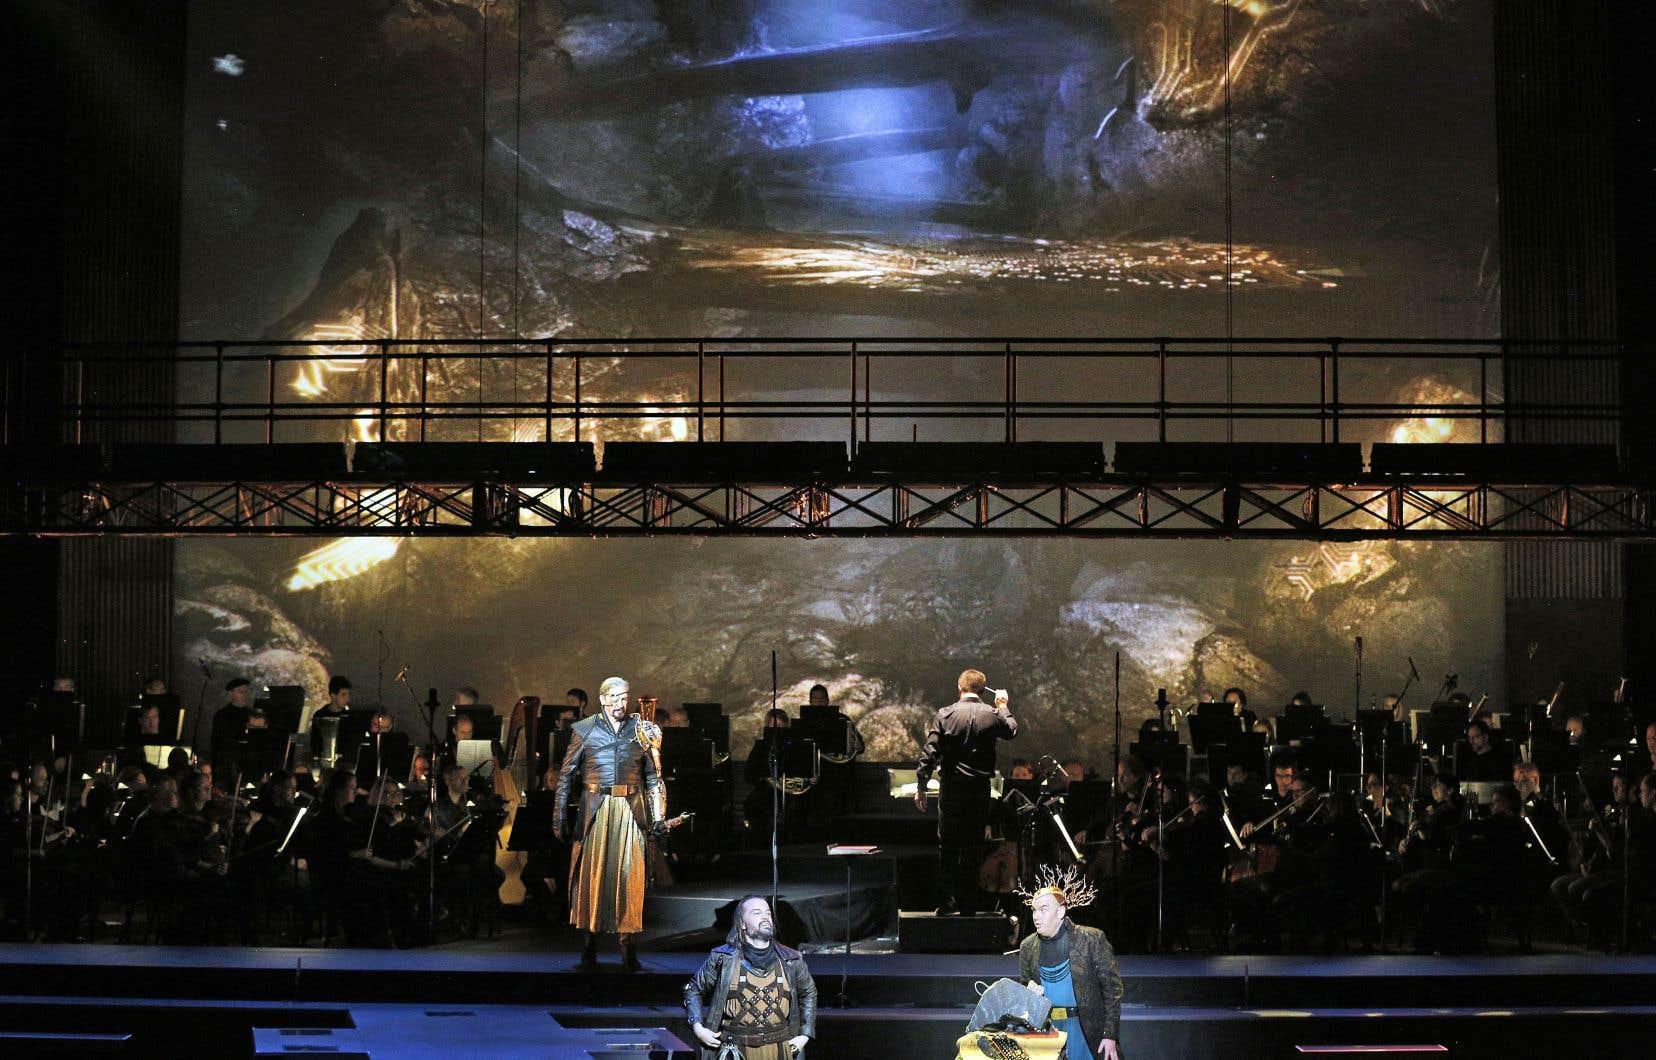 Dans le «Ring», en 15 heures de musique, se déploie une parabole de l'humanité : argent, pouvoir, valeur, amour, trahison. Pour cela, Wagner a inventé le concept d'œuvre d'art totale qui lie musique, théâtre, poésie, peinture et architecture.